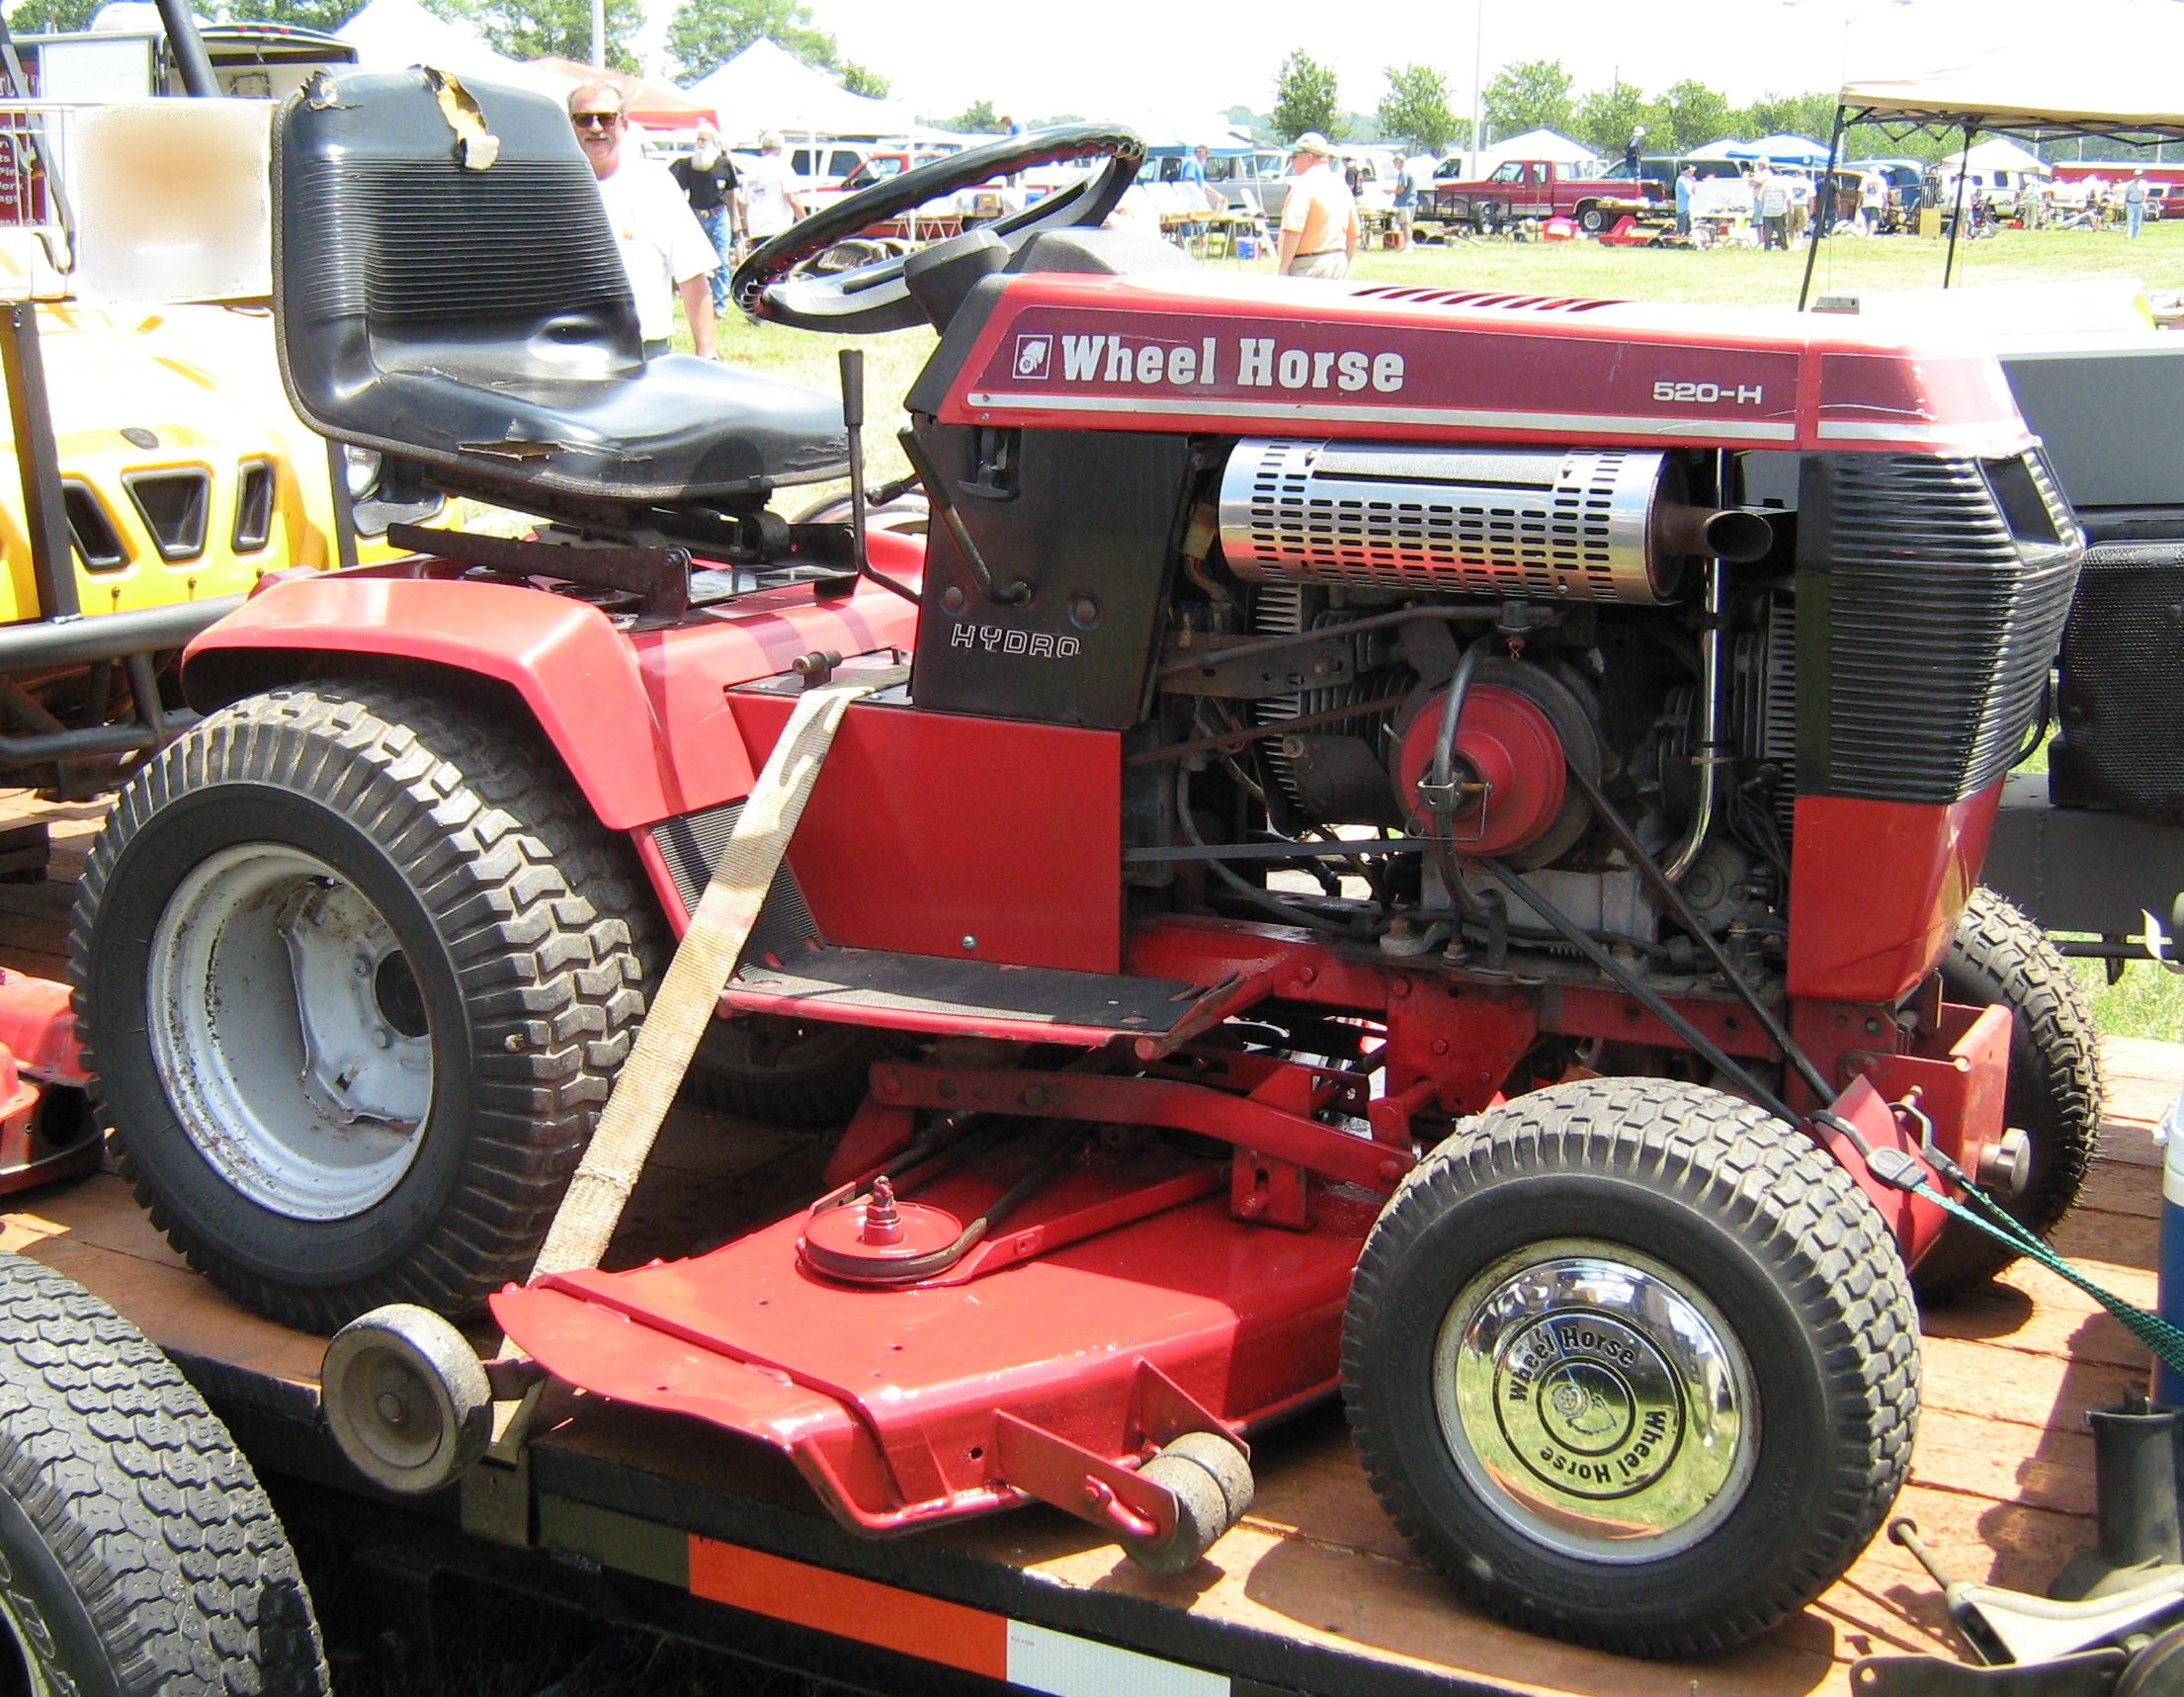 John Deere 314 Wiring Harness Expert Schematics Diagram Case Garden Tractor Wheel Horse Trusted 446